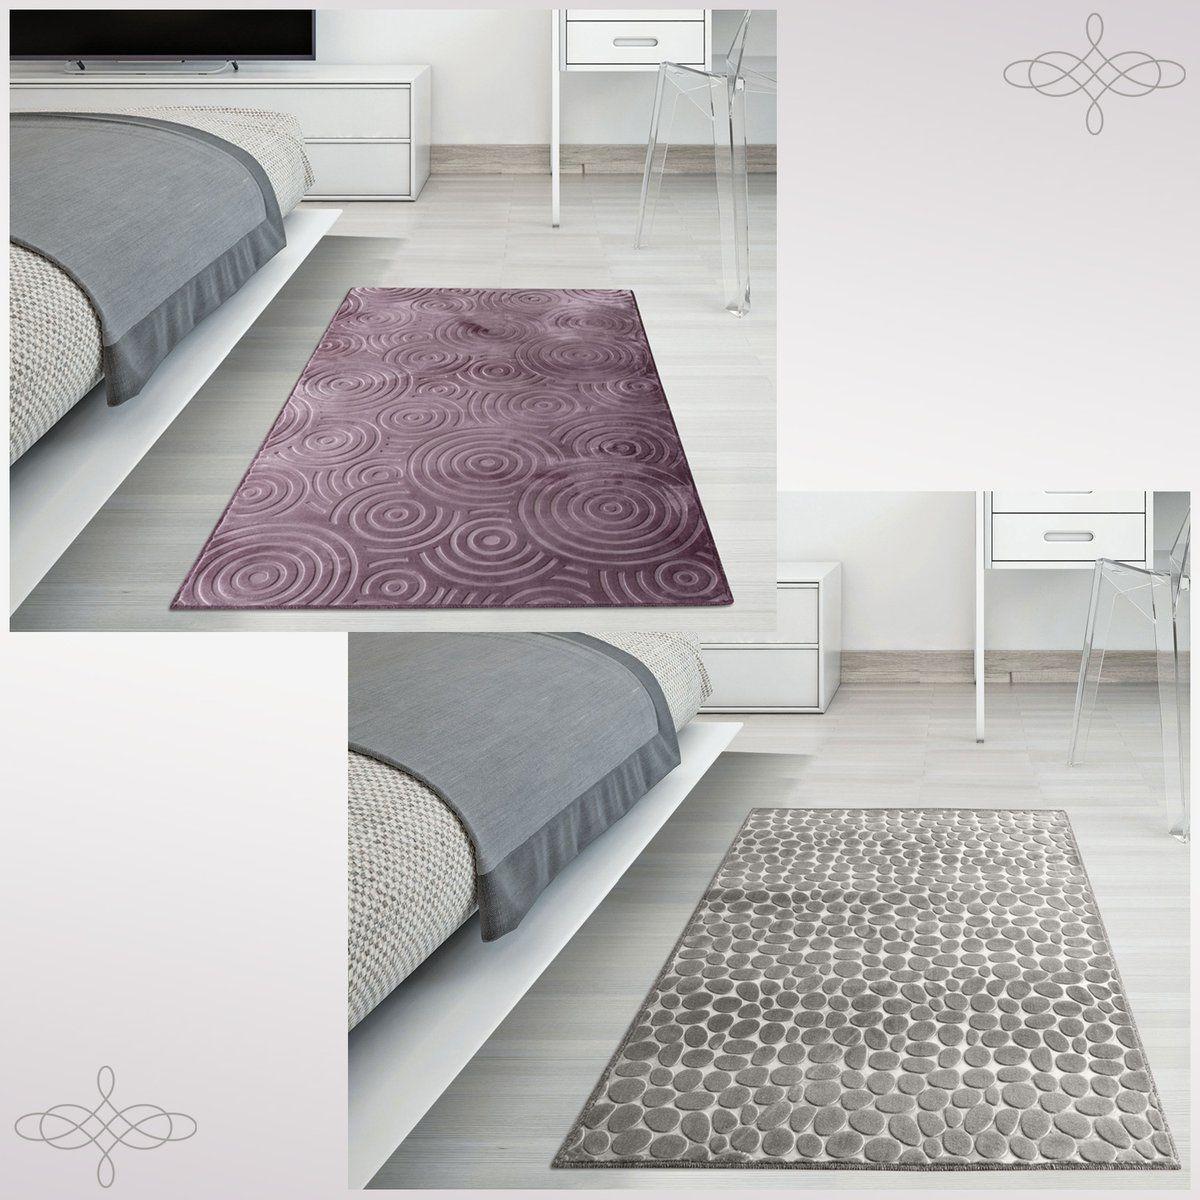 سجادة غرف نوم ارضيه فاخره مقدمه من مدام كوكو Home Decor Contemporary Rug Home